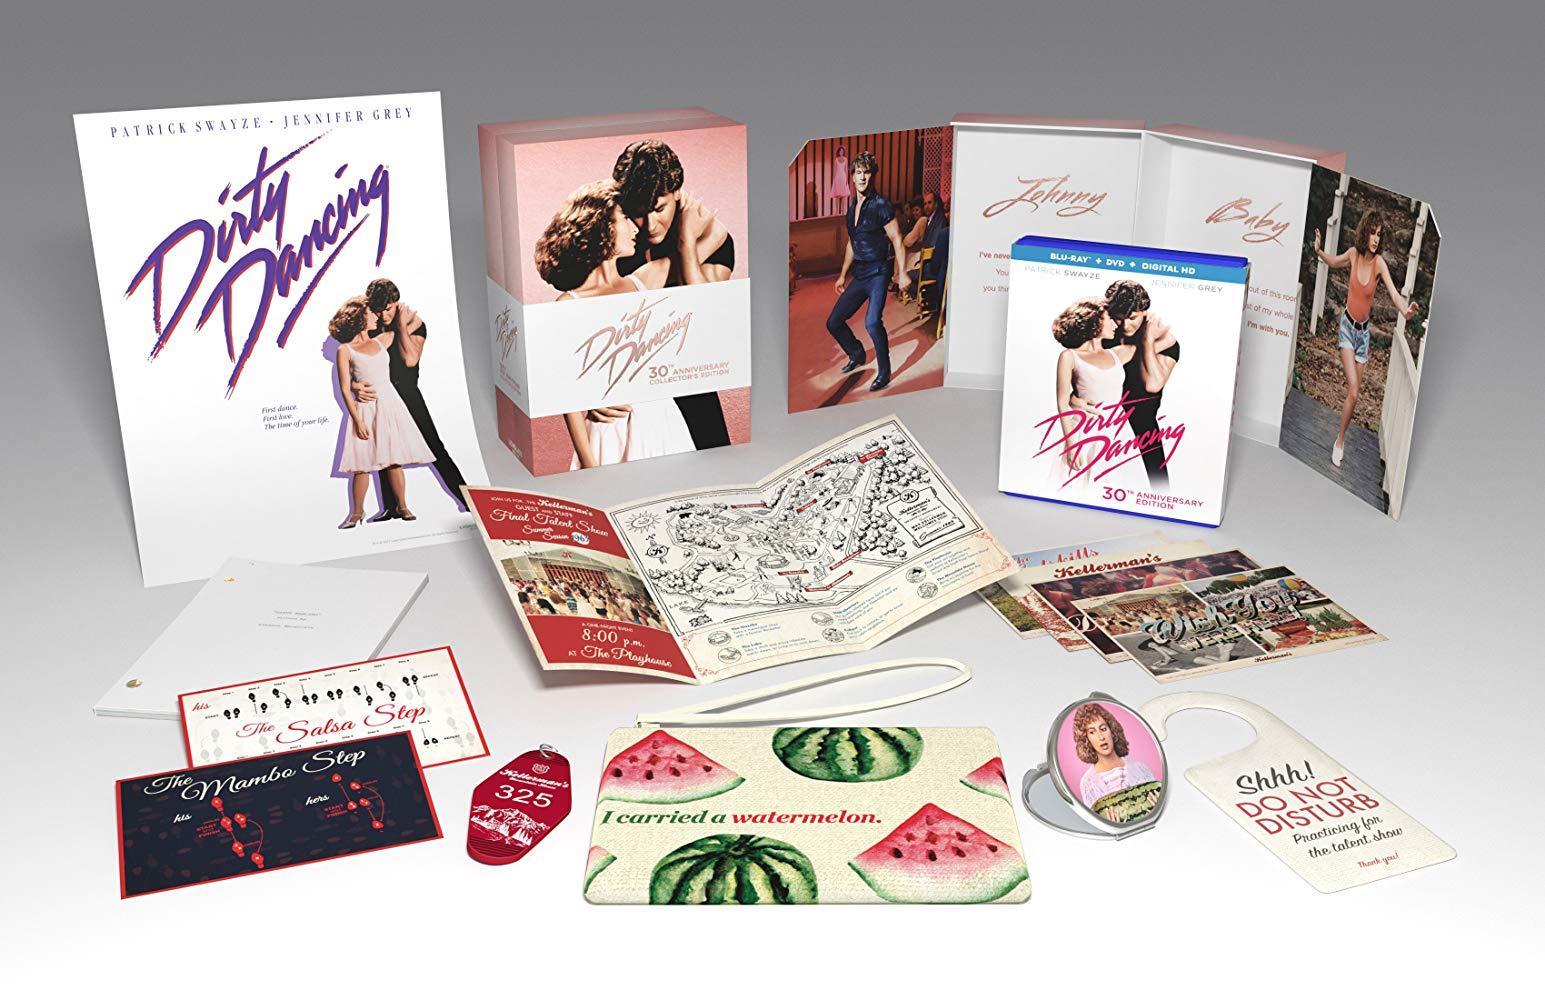 مشاهدة فيلم Dirty Dancing 1987 HD مترجم كامل اون لاين